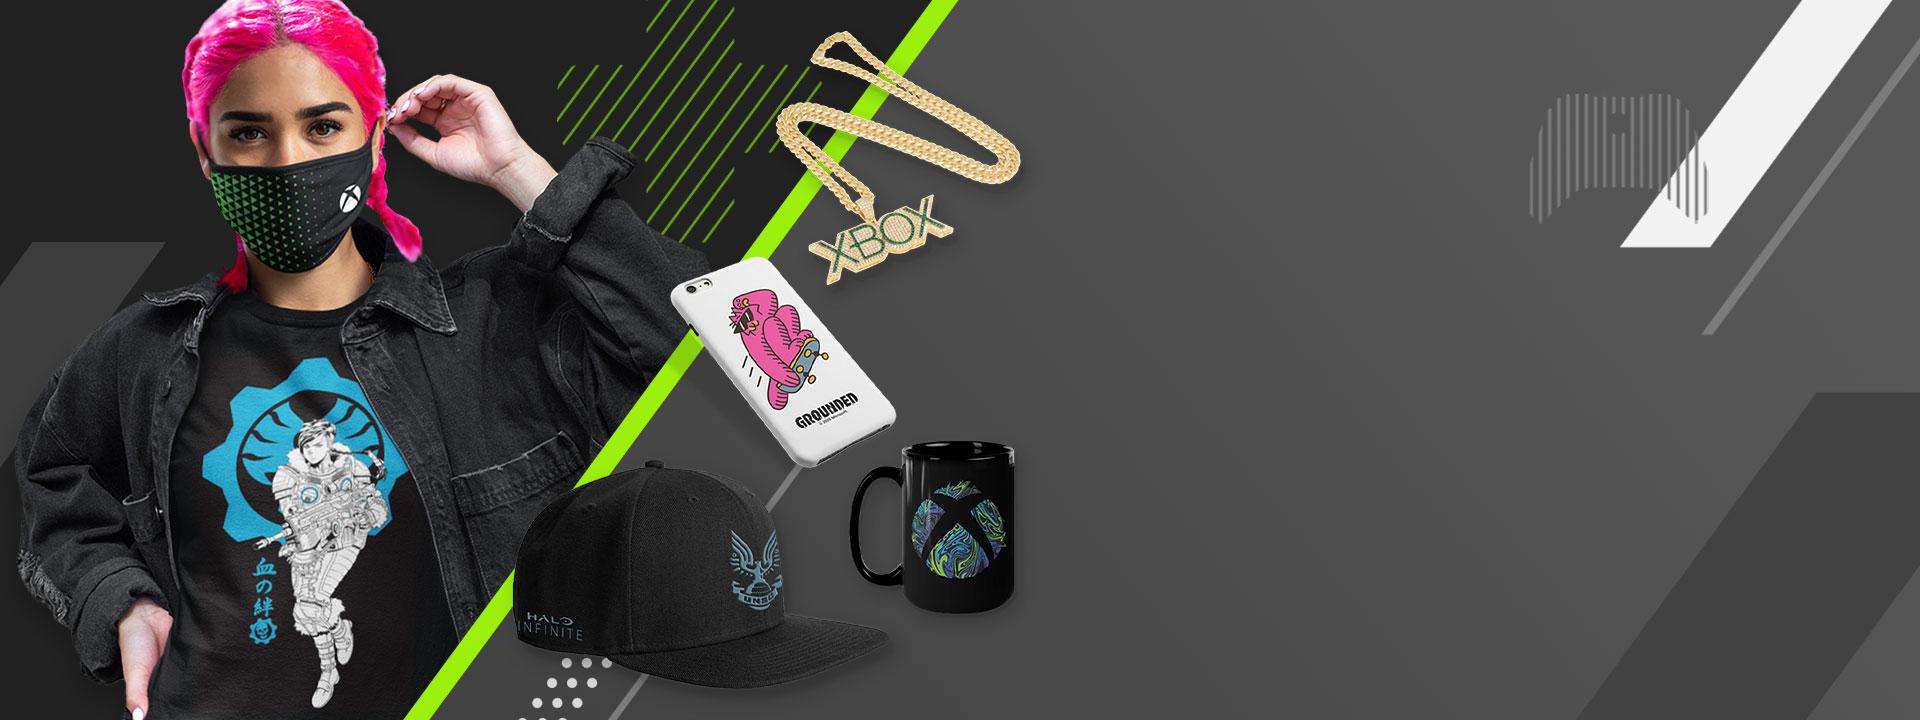 Una modella con capelli rosa e una mascherina Xbox insieme a una catenina dorata, una custodia per telefono, un cappellino e una tazza con il logo di Xbox